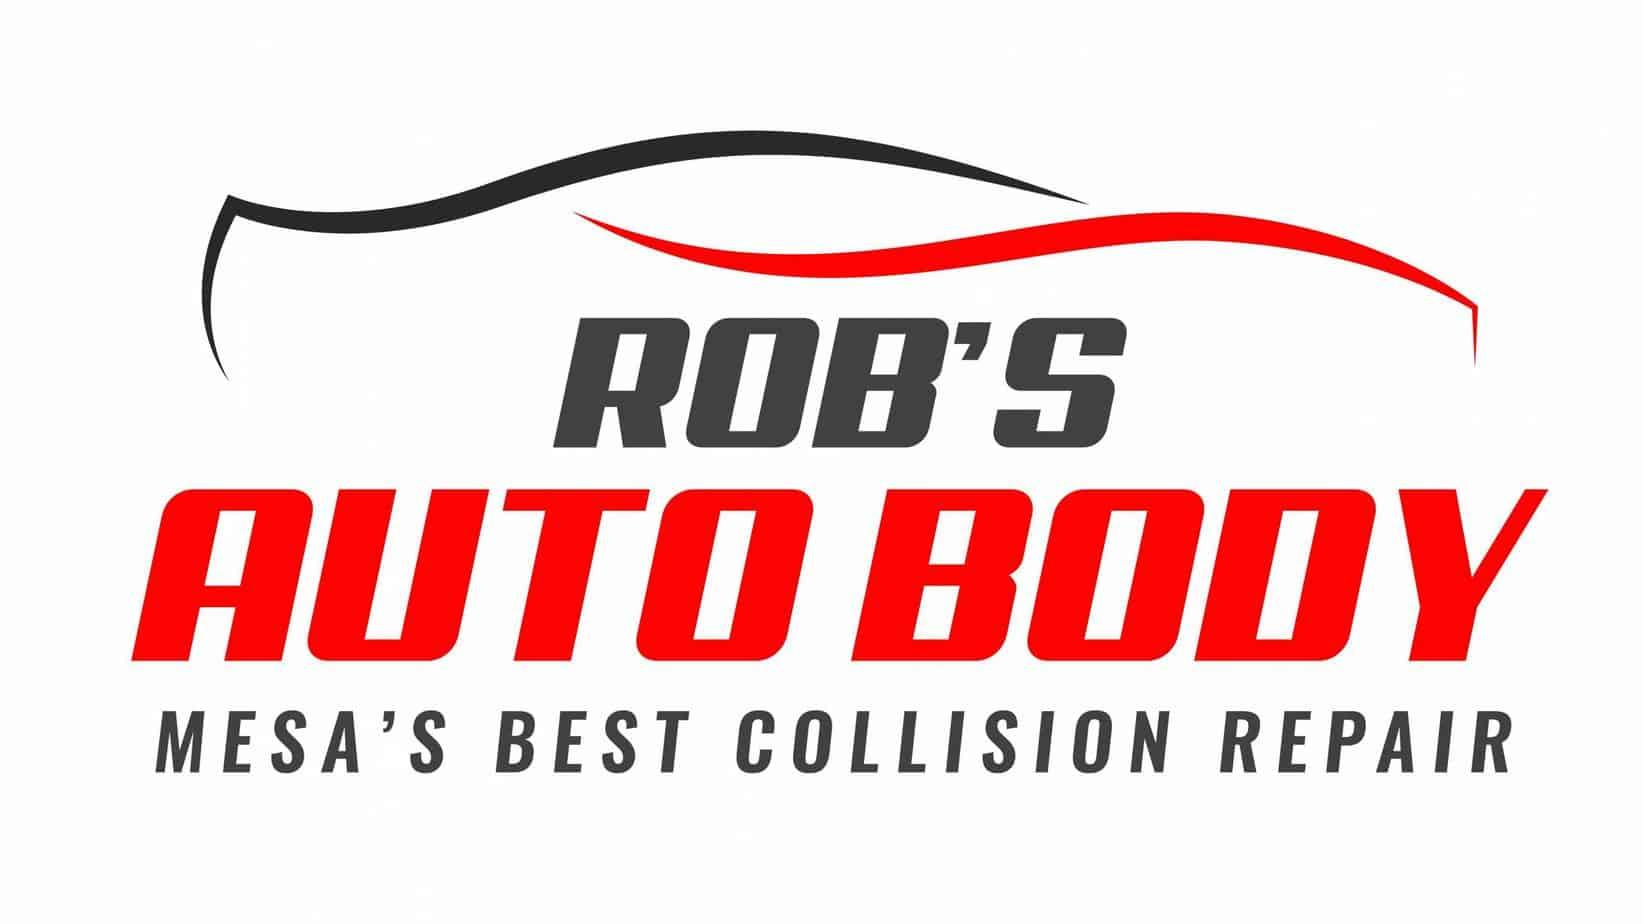 acura collision repair - Rob's auto body